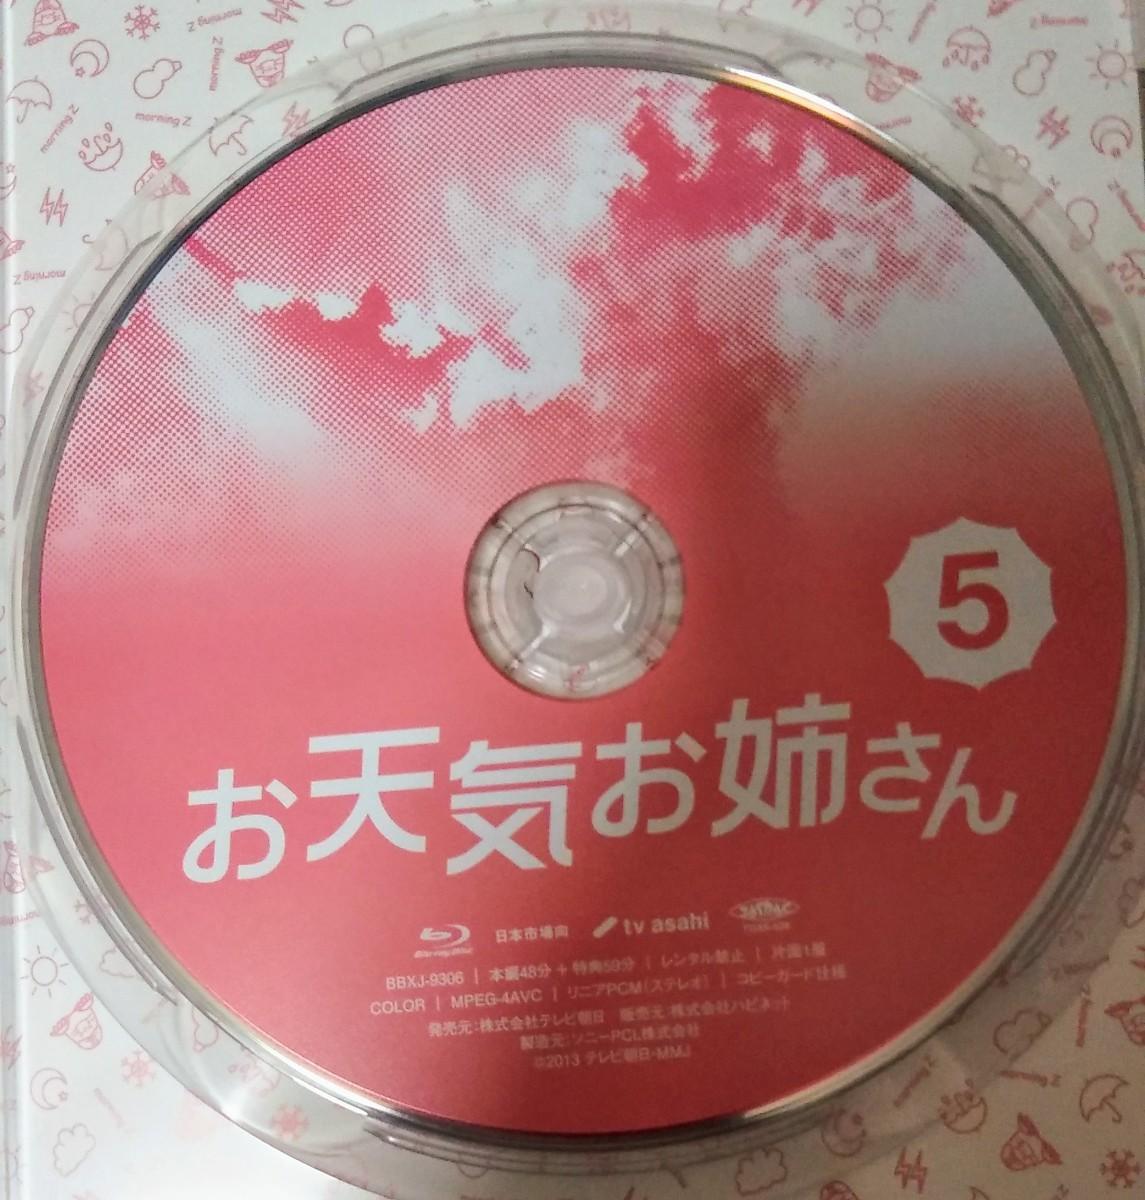 ドラマ お天気お姉さん Blu-ray BOX